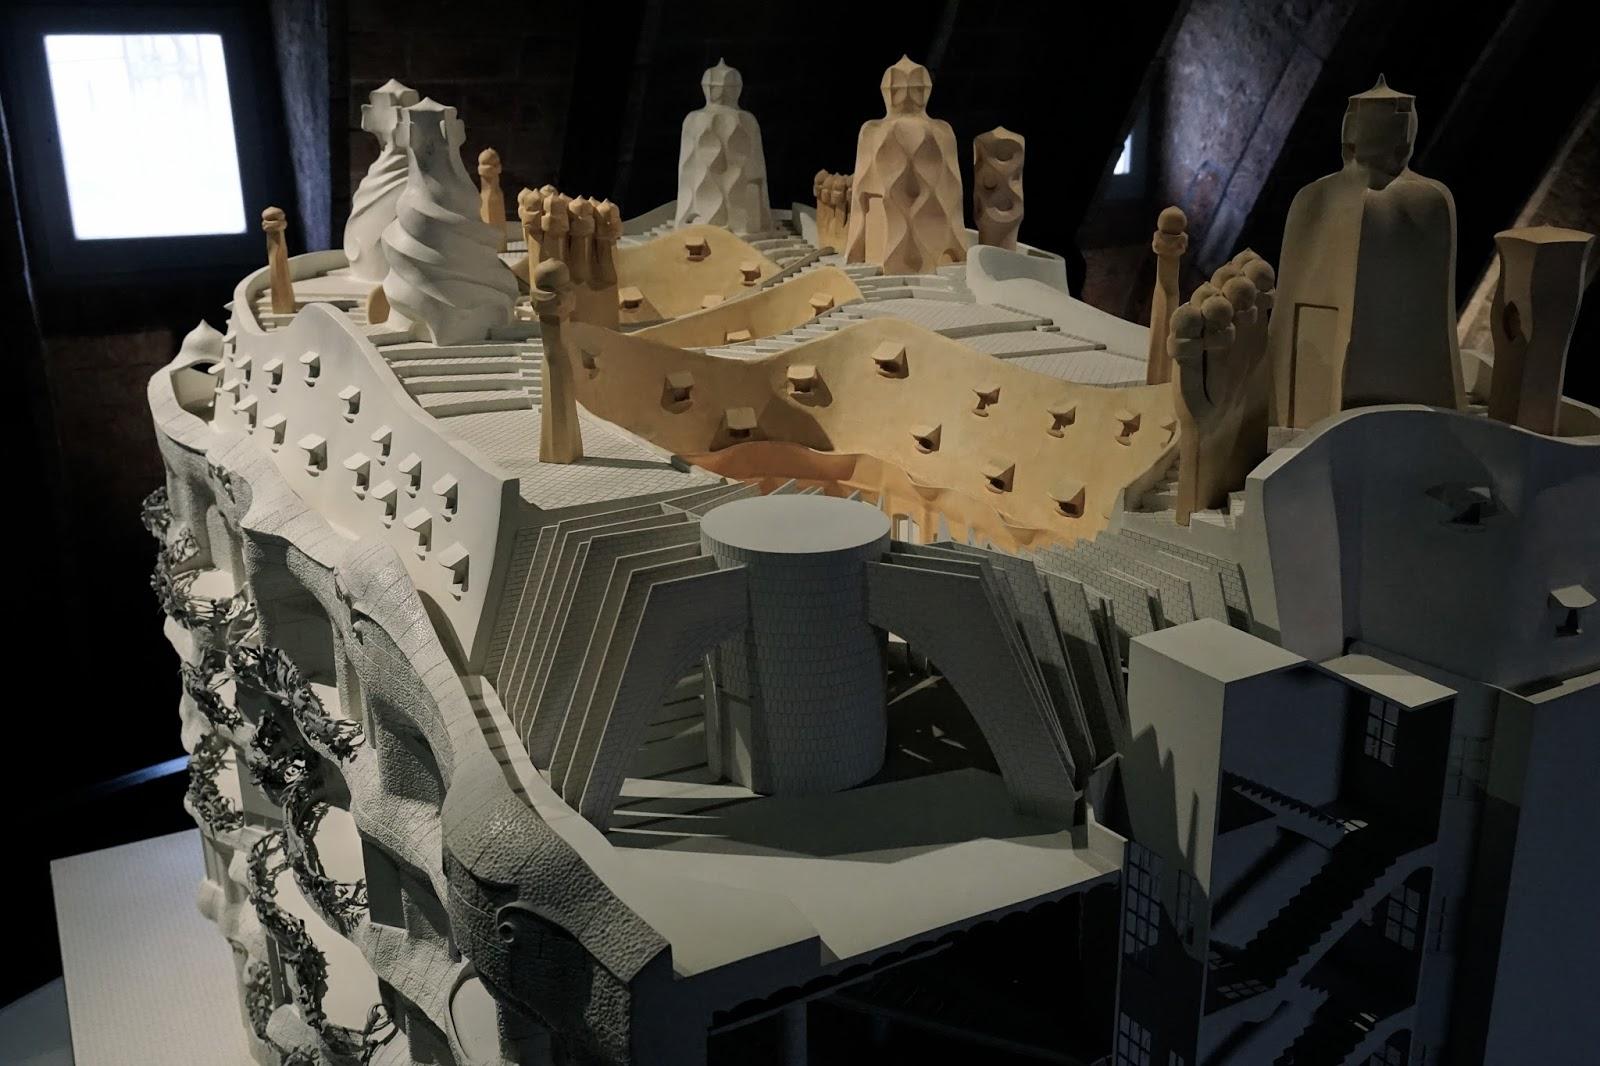 カサ・ミラ(Casa Milà)の模型